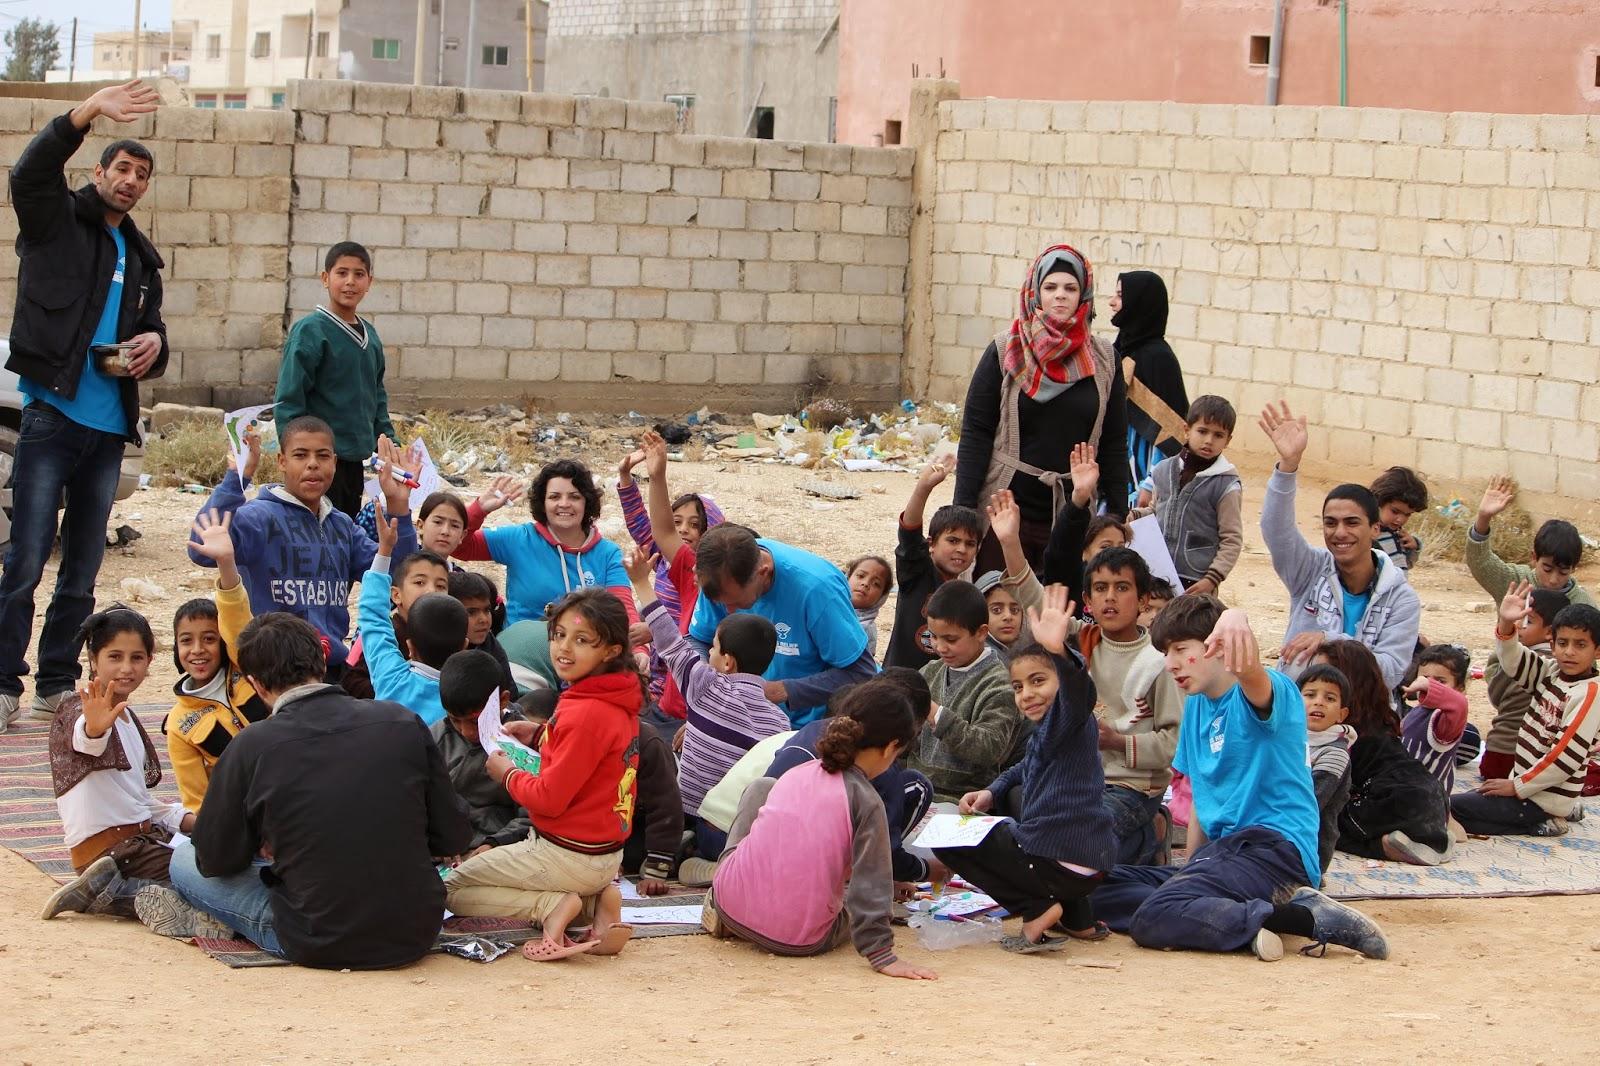 jordan mafraq Locality, sub-locality, area postal code al azraq al alshamali al iraq al mafraq  al mazar al mazar al mughaiyer al rfaiyyat alrowaished alrowaished.